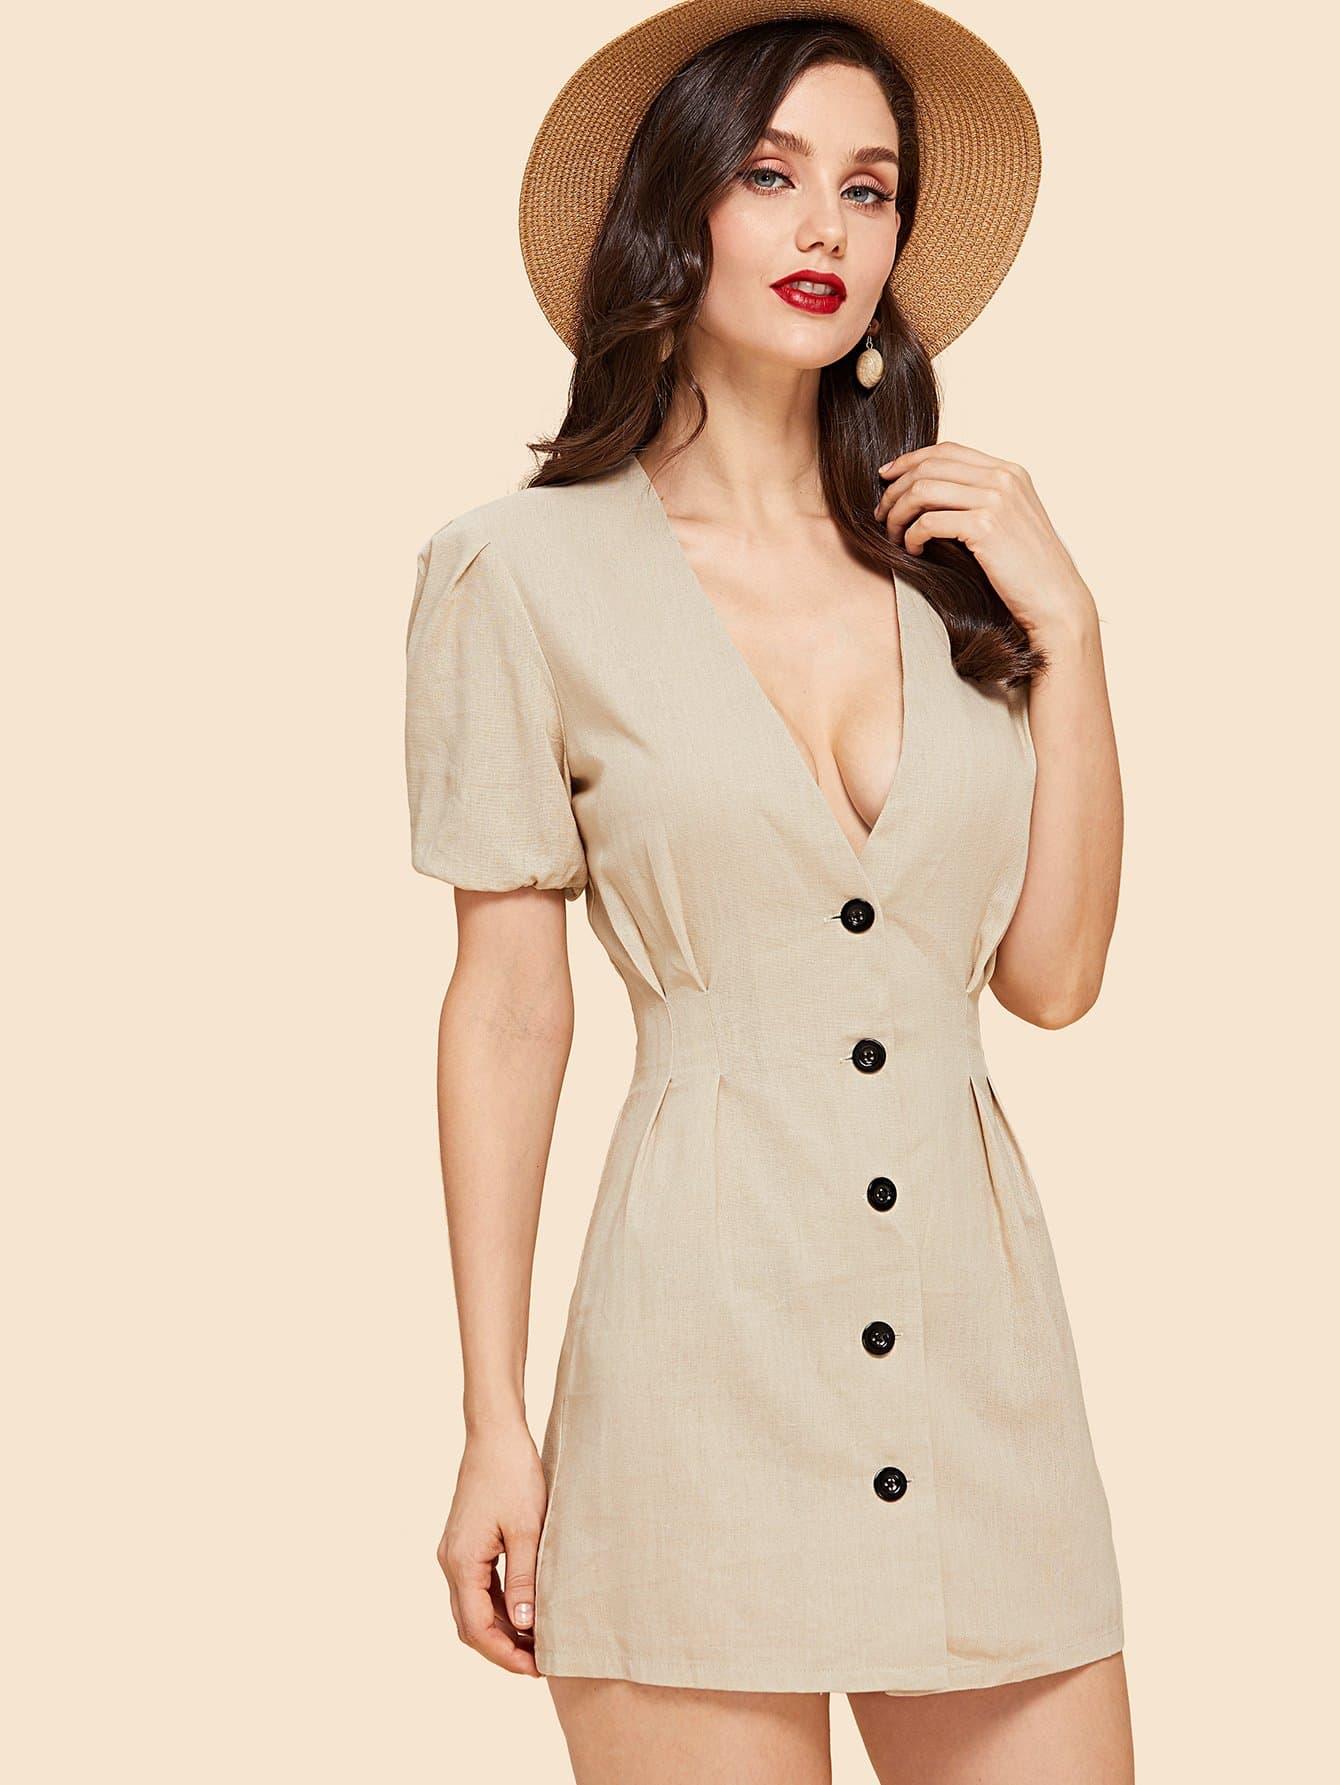 Купить Платье V-образным вырезом с кнопкой спереди, Julie H., SheIn